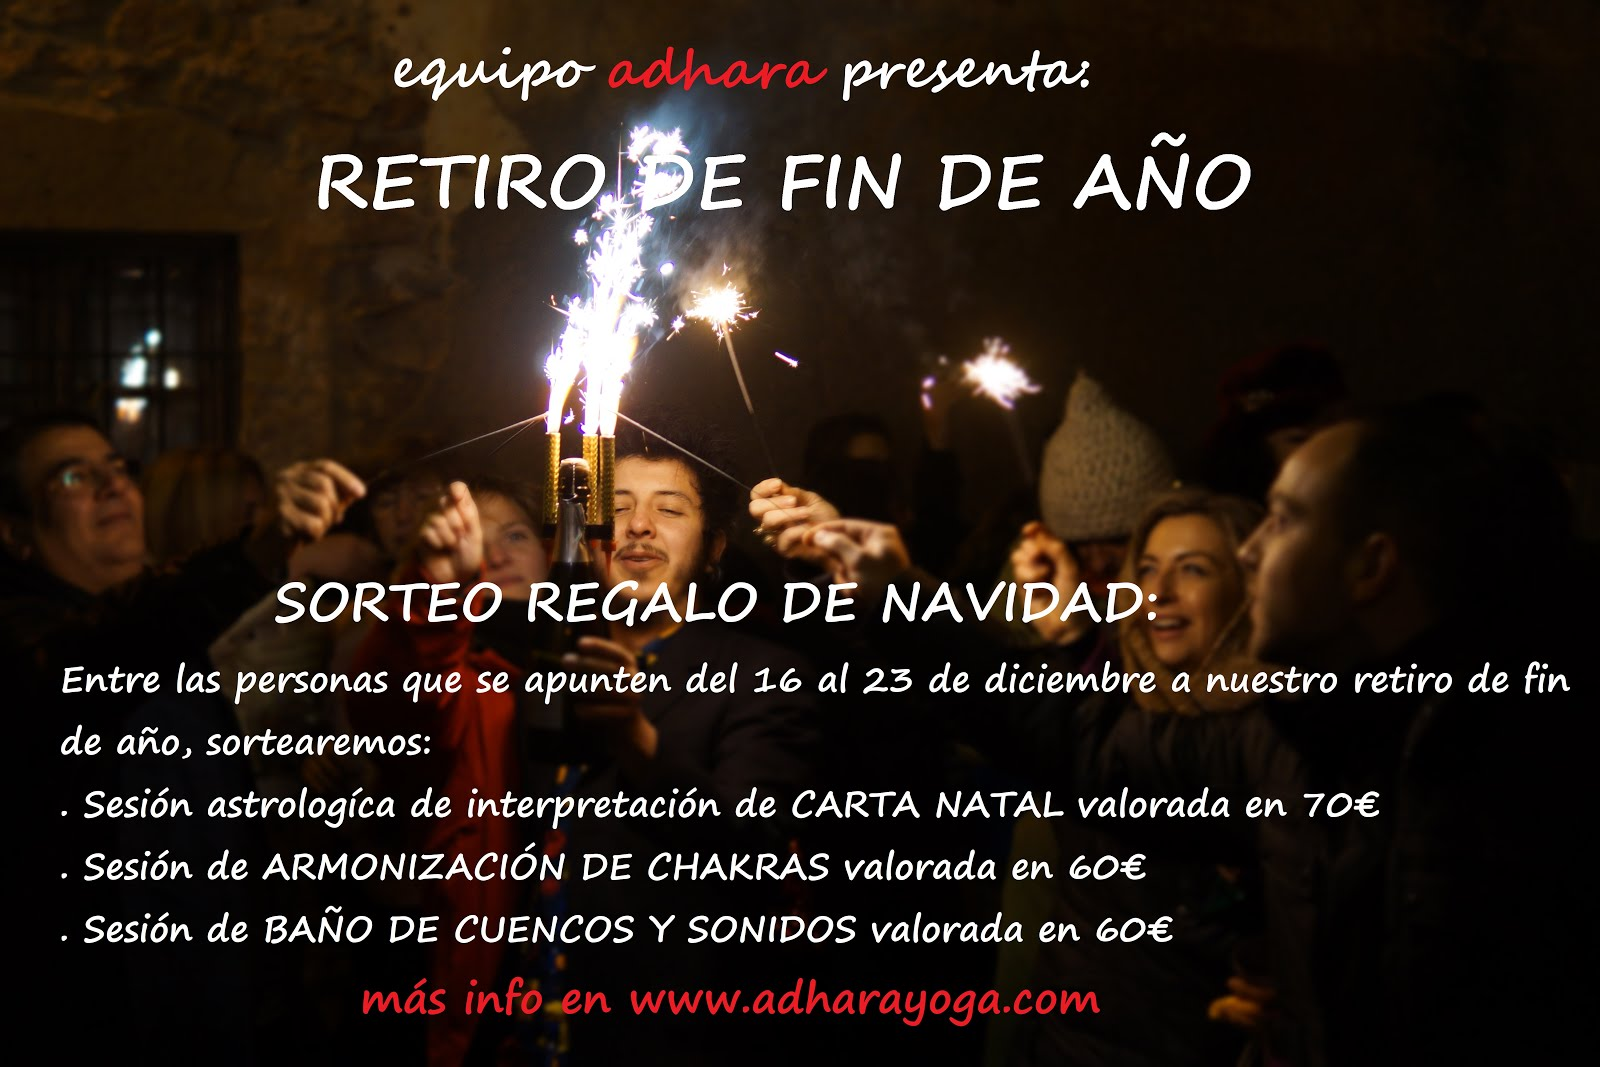 SORTEO REGALO DE NAVIDAD